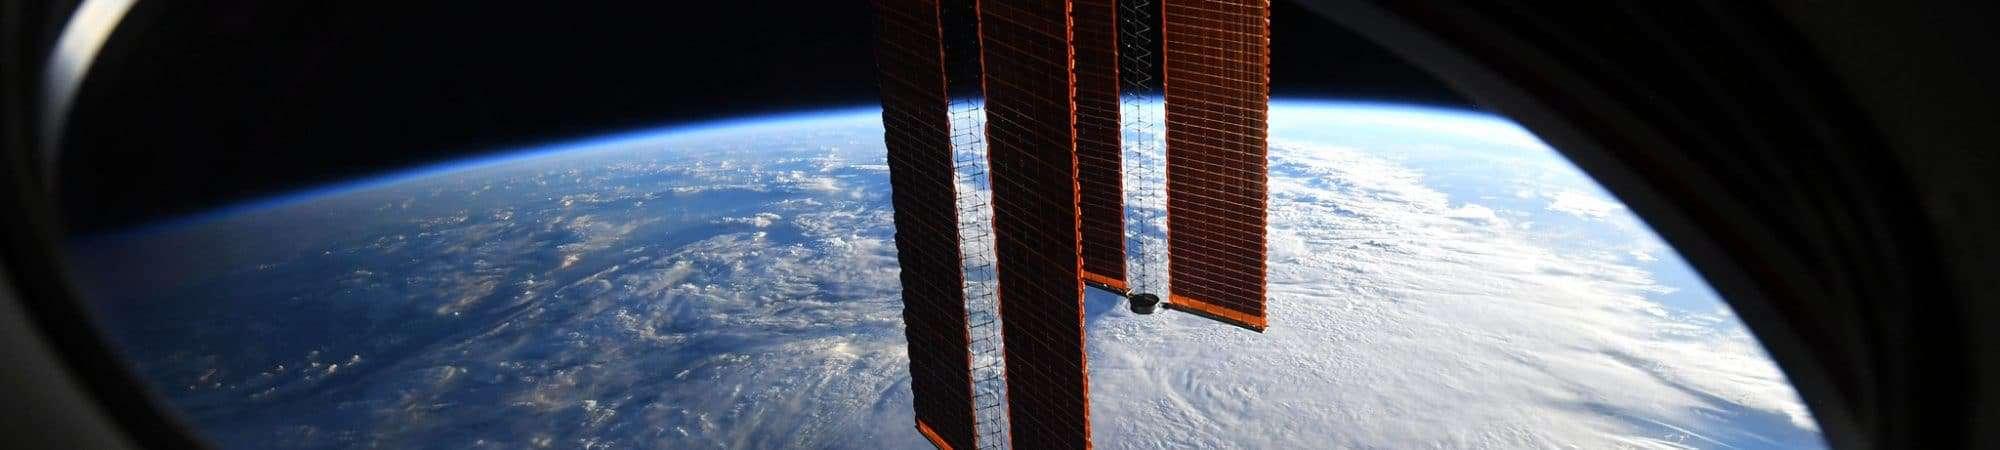 janela-estacao-espacial-2000x450